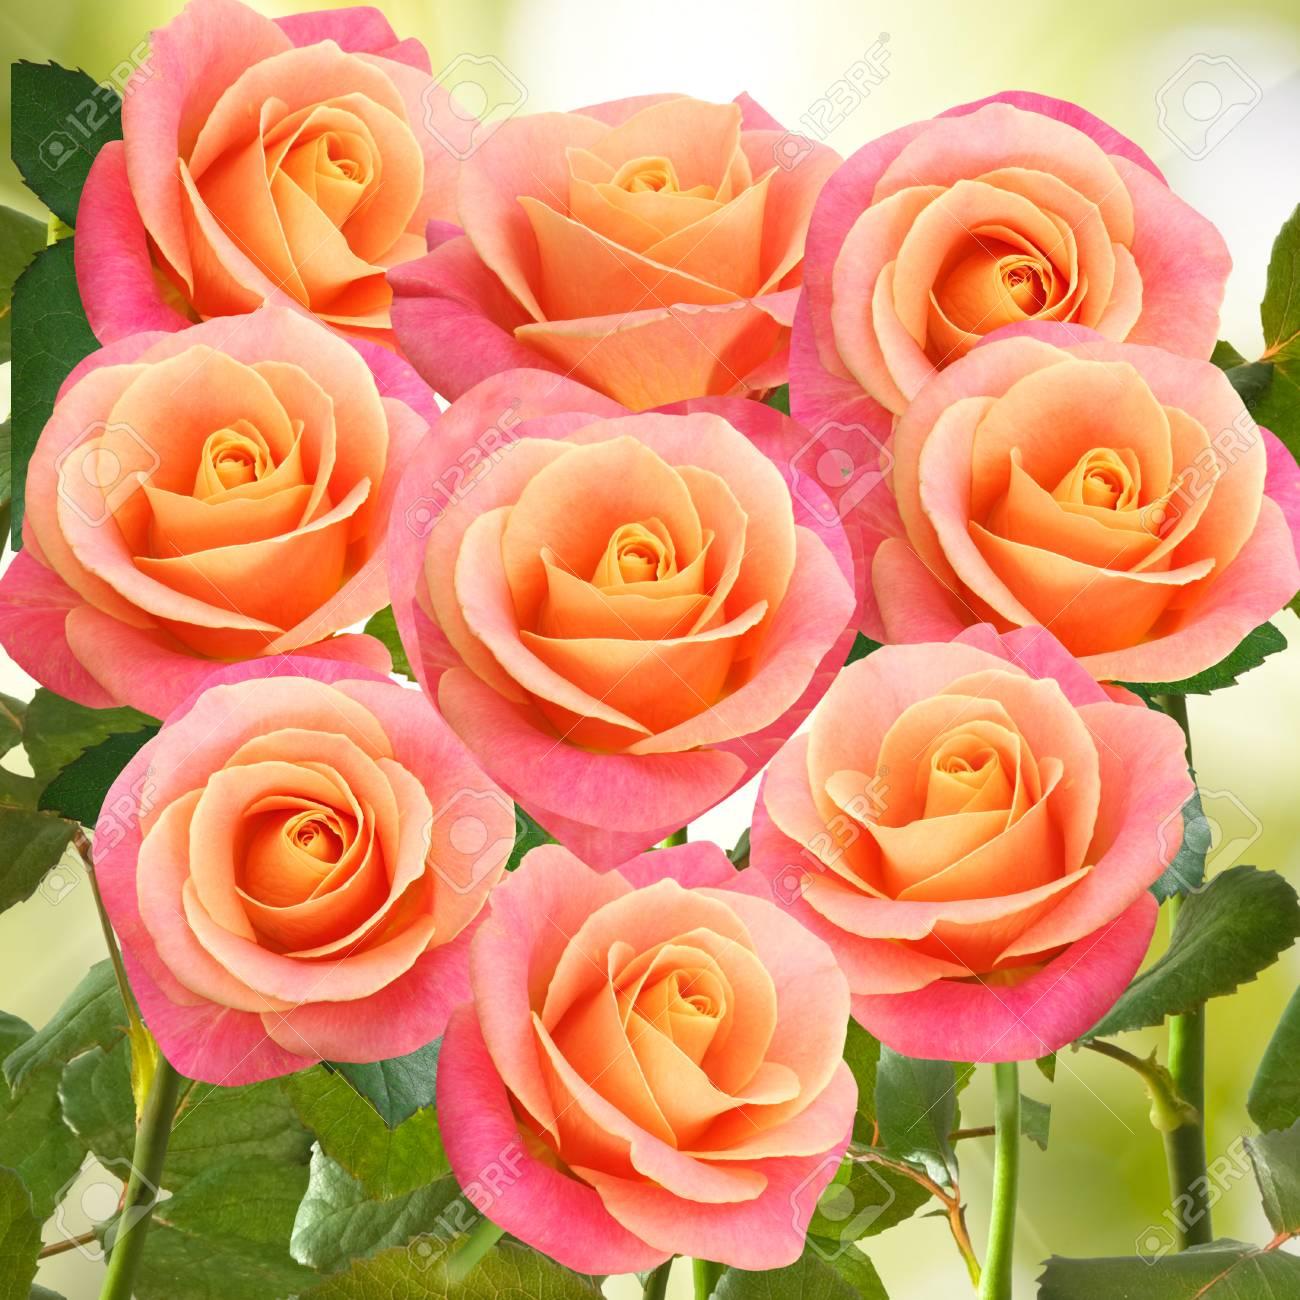 Muchas Hermosas Flores Rosas En El Jardin Fotos Retratos Imagenes